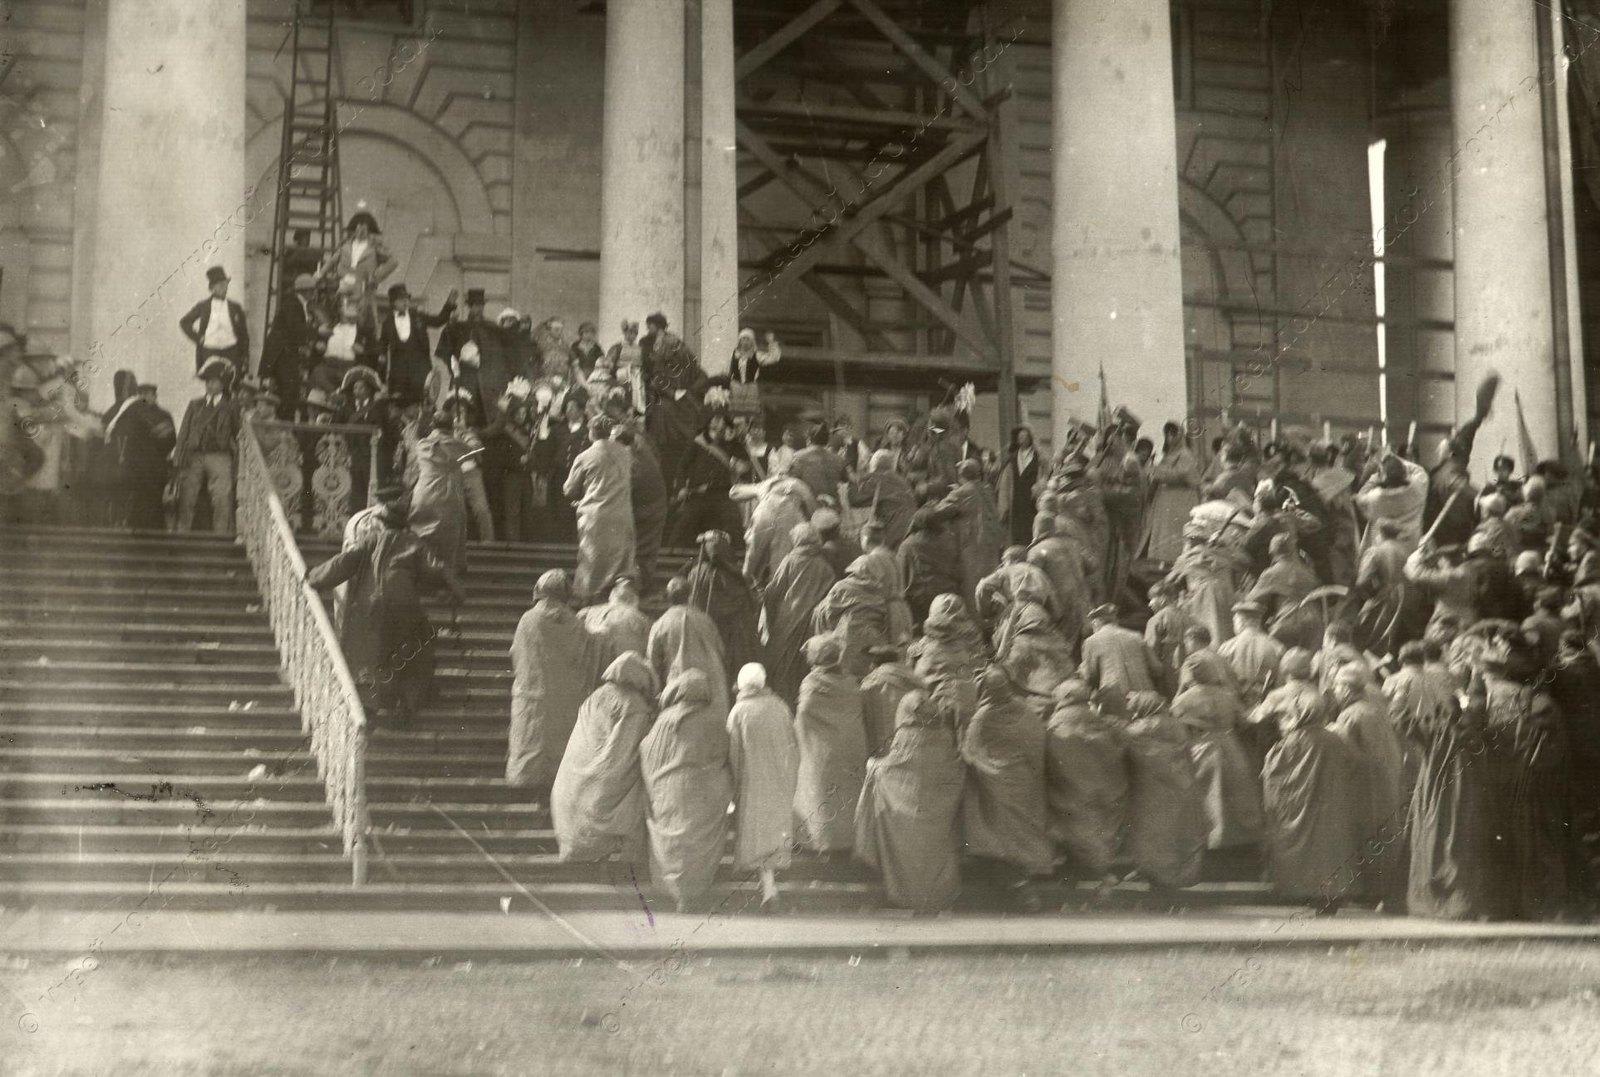 1920. Сцены из спектакля Освобожденный труд. Мистерия поставлена 1 Мая у Фондовой Биржи (4)